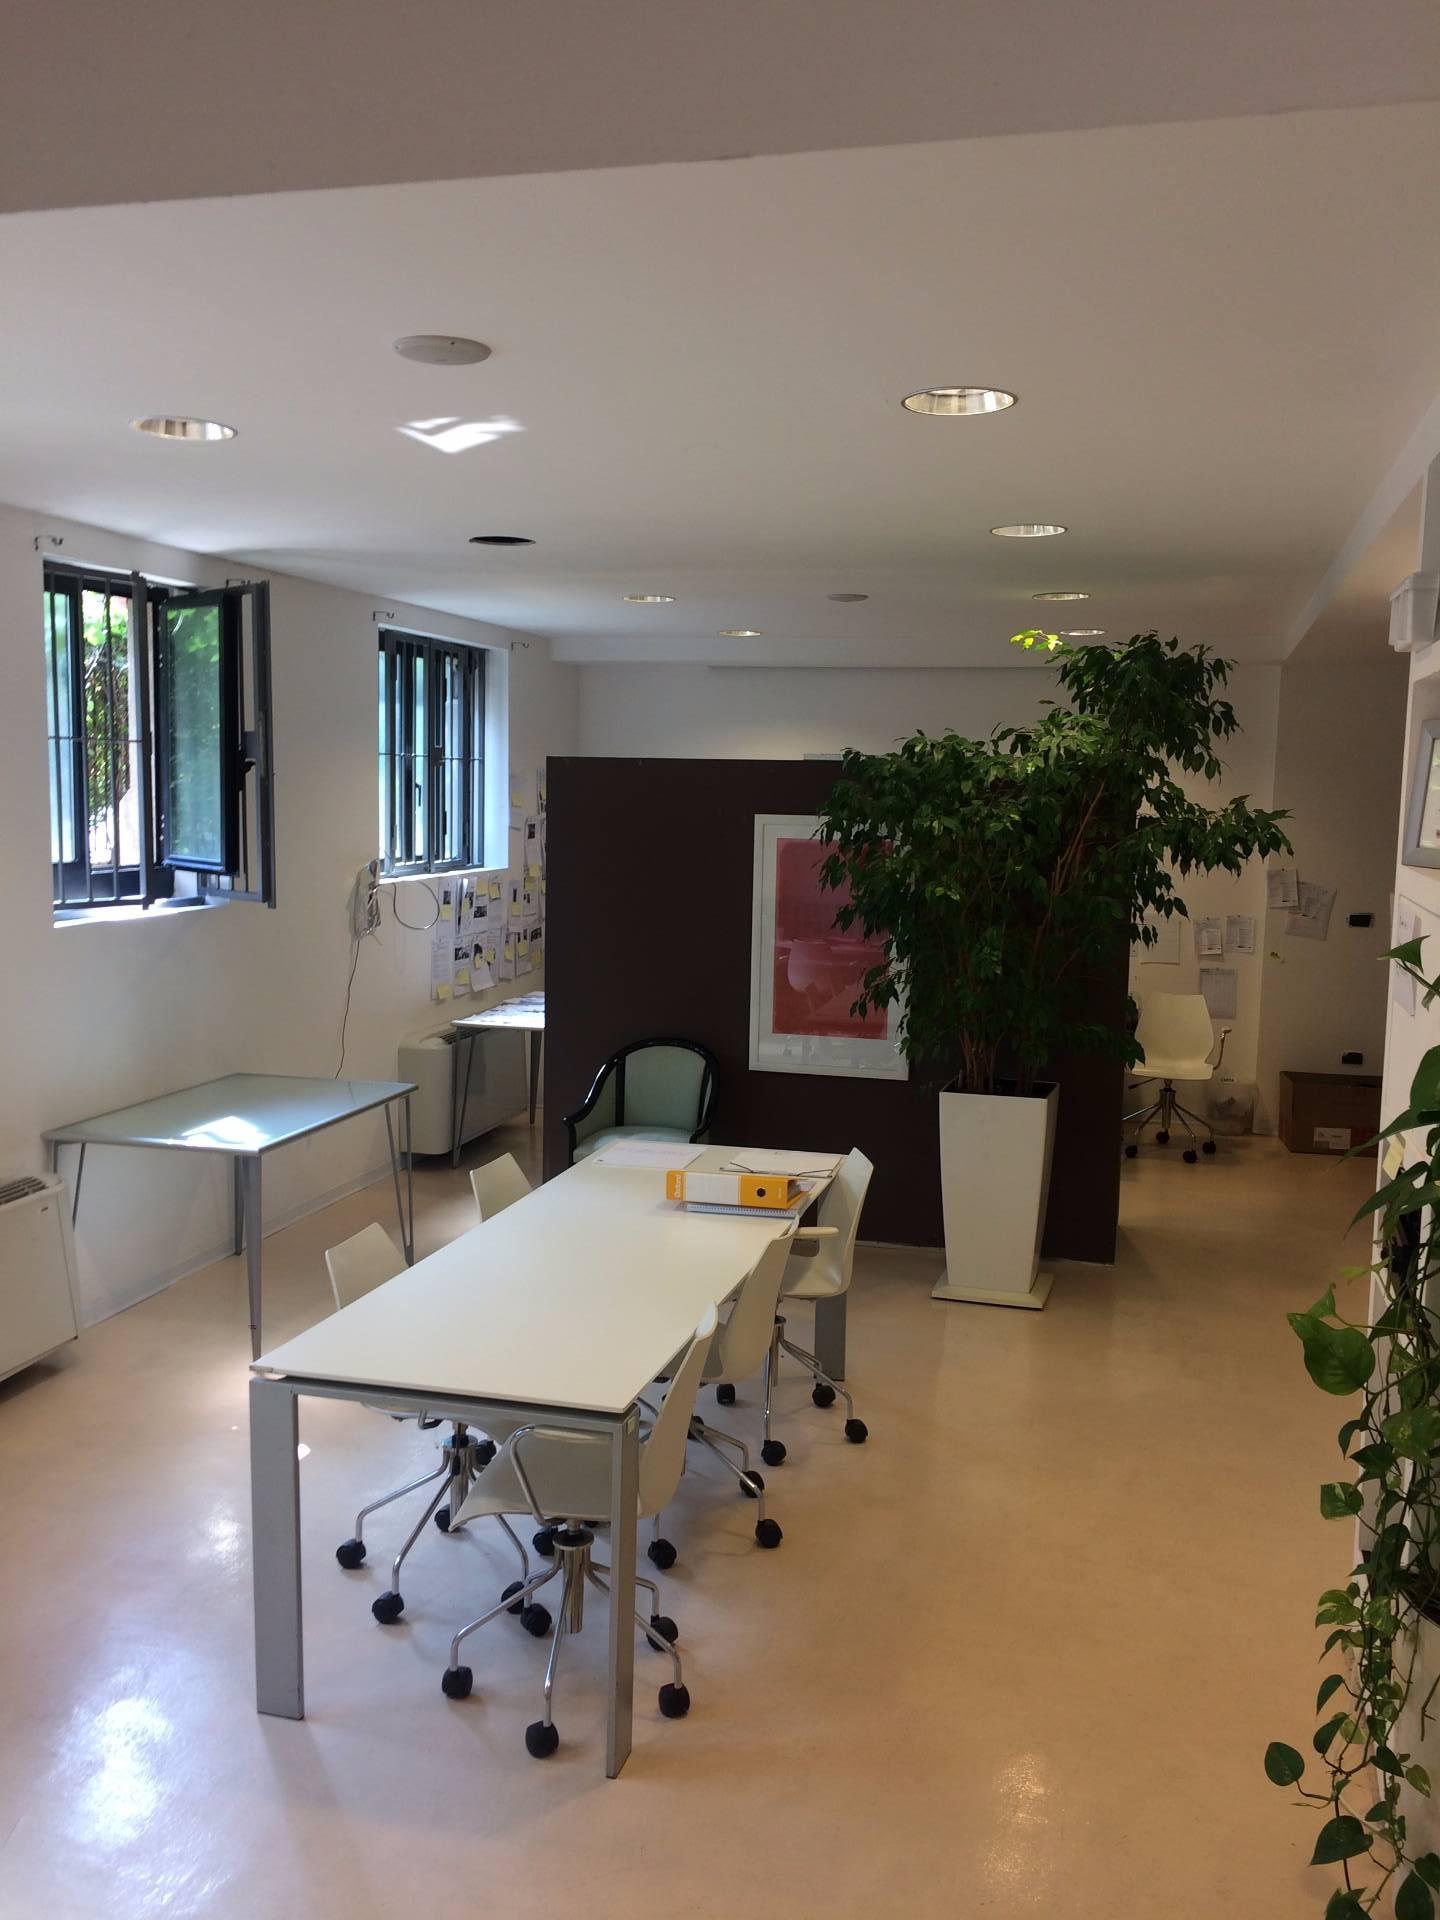 Laboratorio in vendita a Rozzano, 9999 locali, prezzo € 85.000 | CambioCasa.it